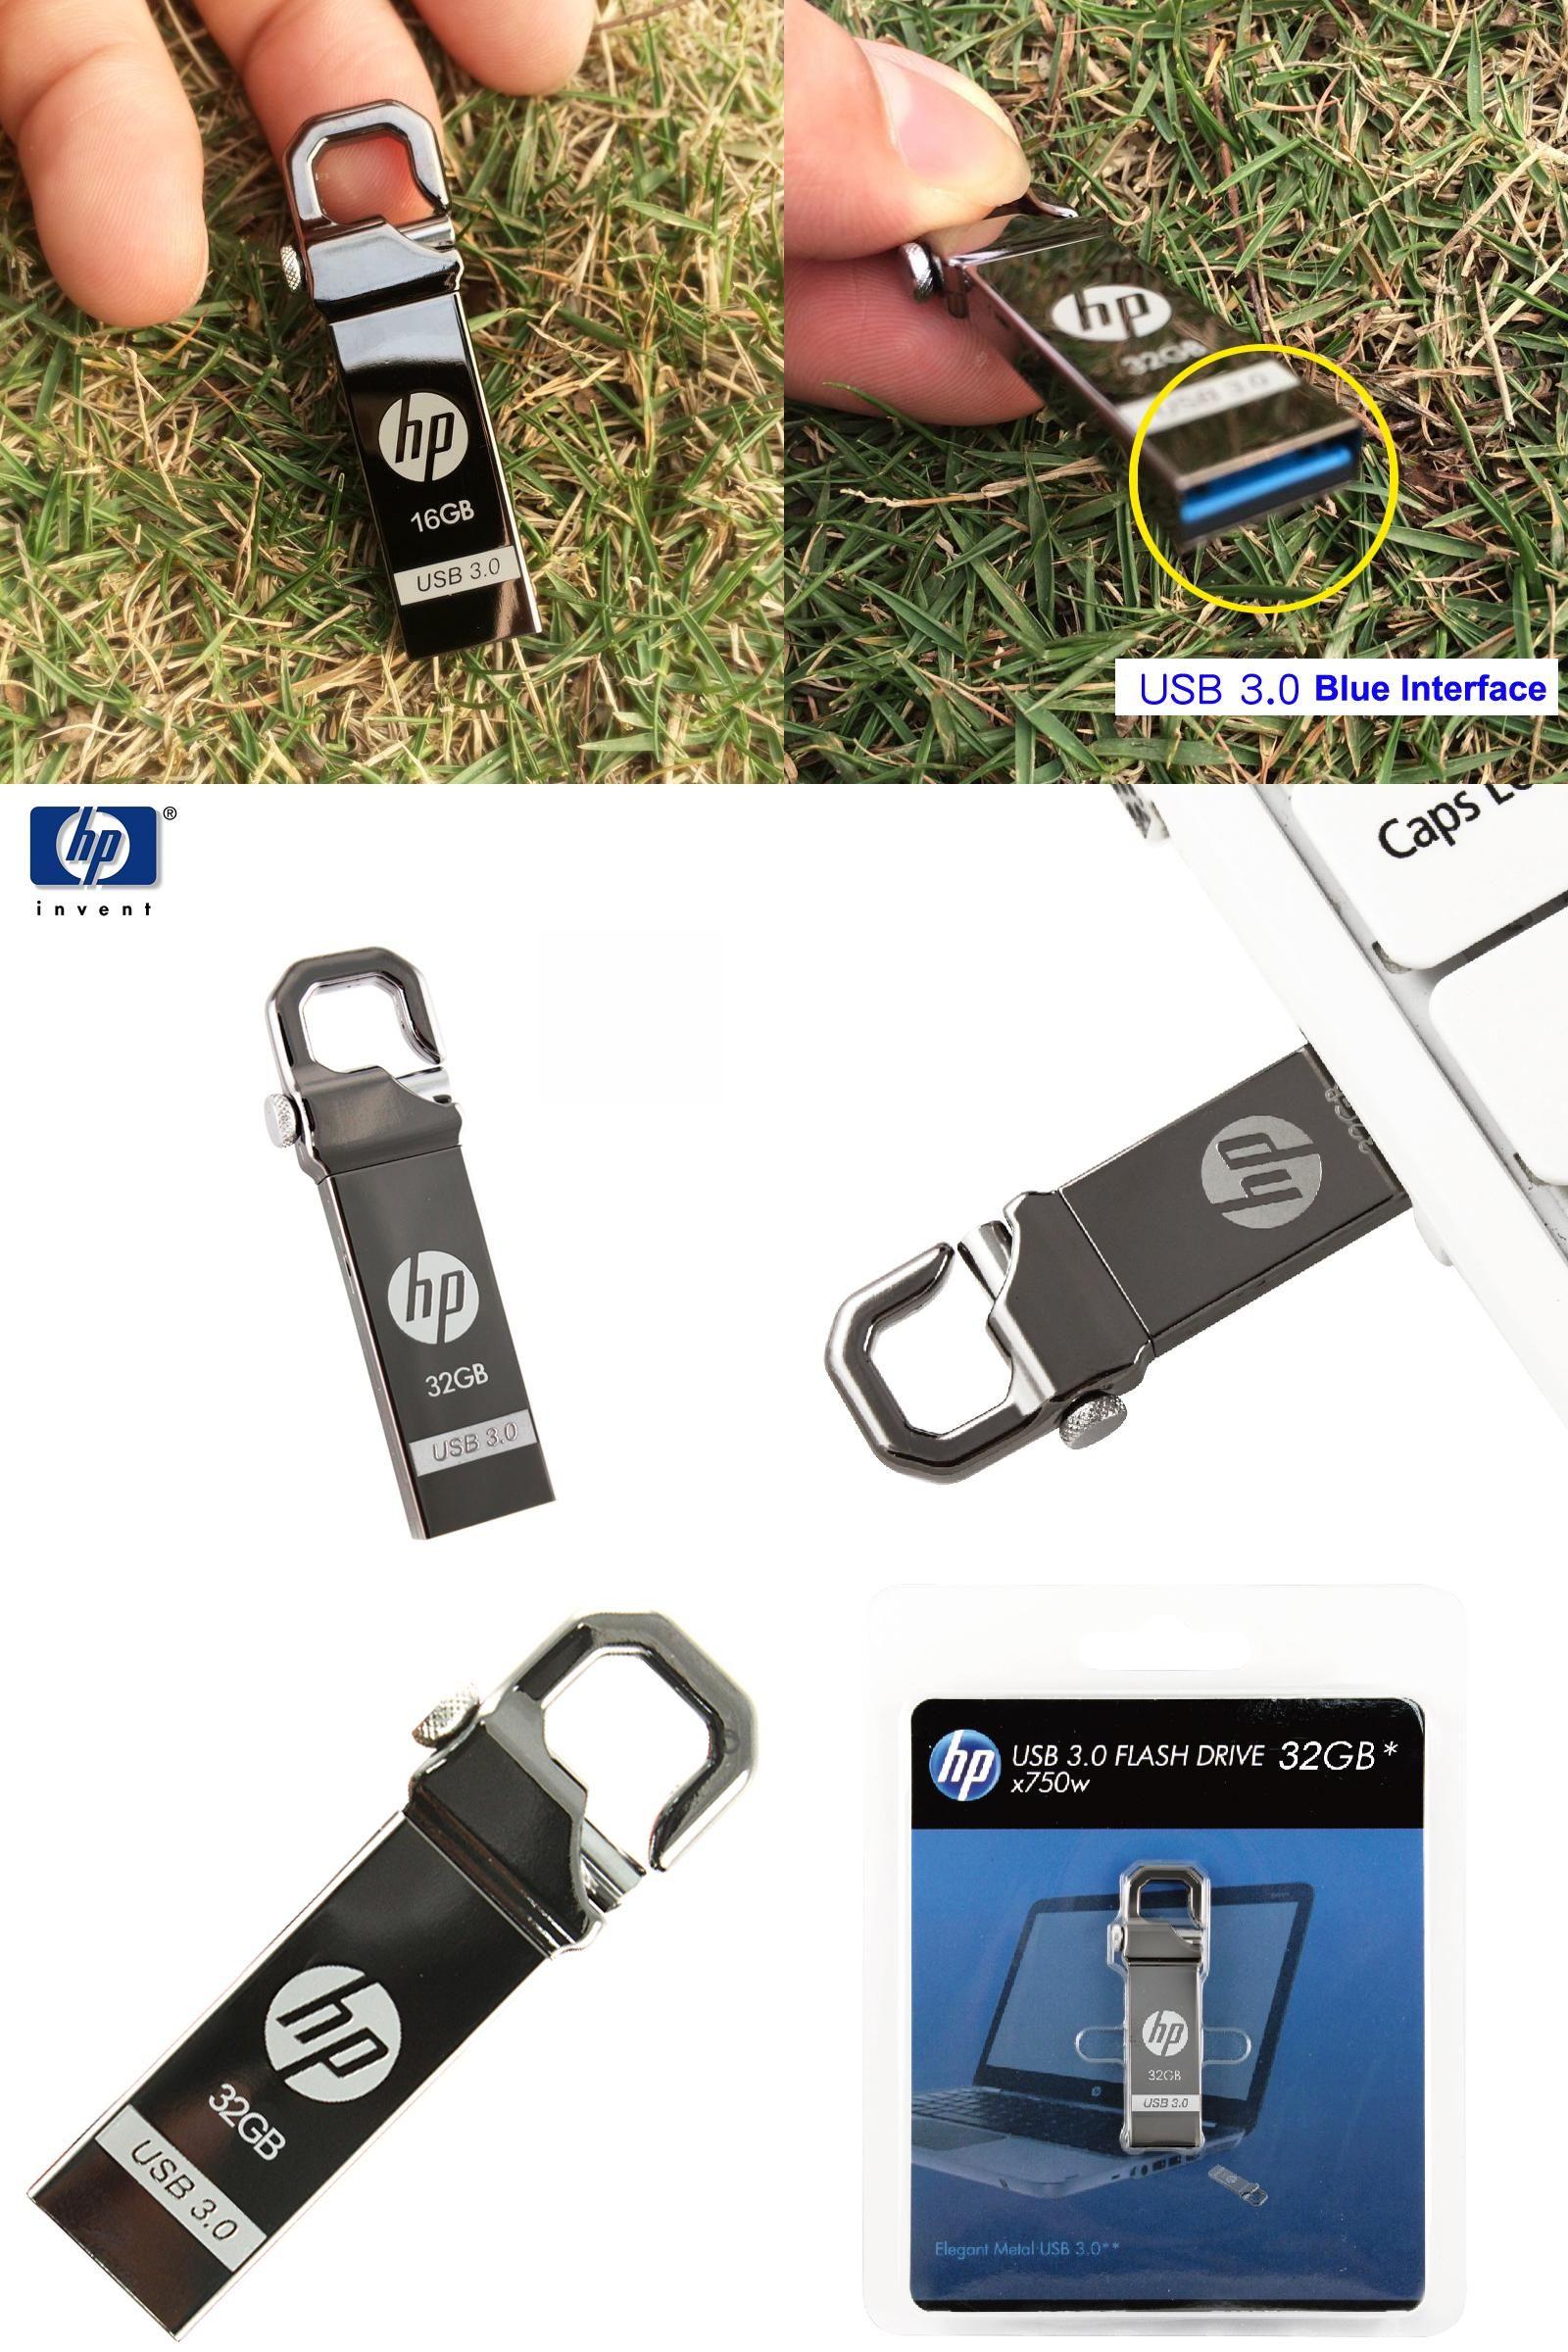 Visit To Buy Hp X750w Usb Flash Drive Usb 3 0 32gb High Speed Metal Usb Stick 32gb Pendrive Flash Drive Customized Logo Usb Flash Drive Car Audio Flash Drive